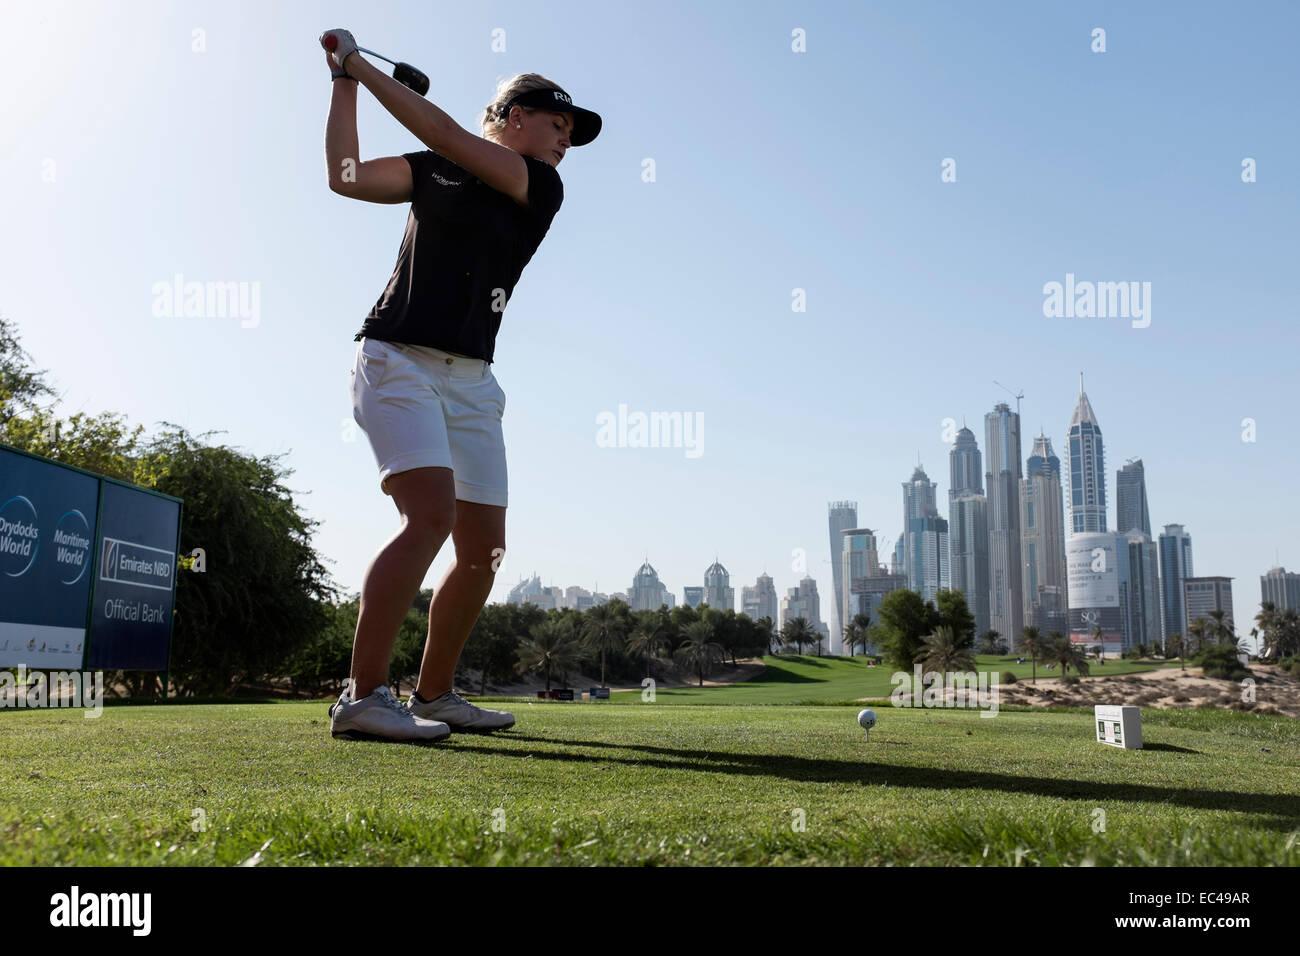 Dubai, Emiratos Árabes Unidos. El 9 de diciembre de 2014. Charley Hull de Inglaterra aterriza de 8t en Emirates Imagen De Stock